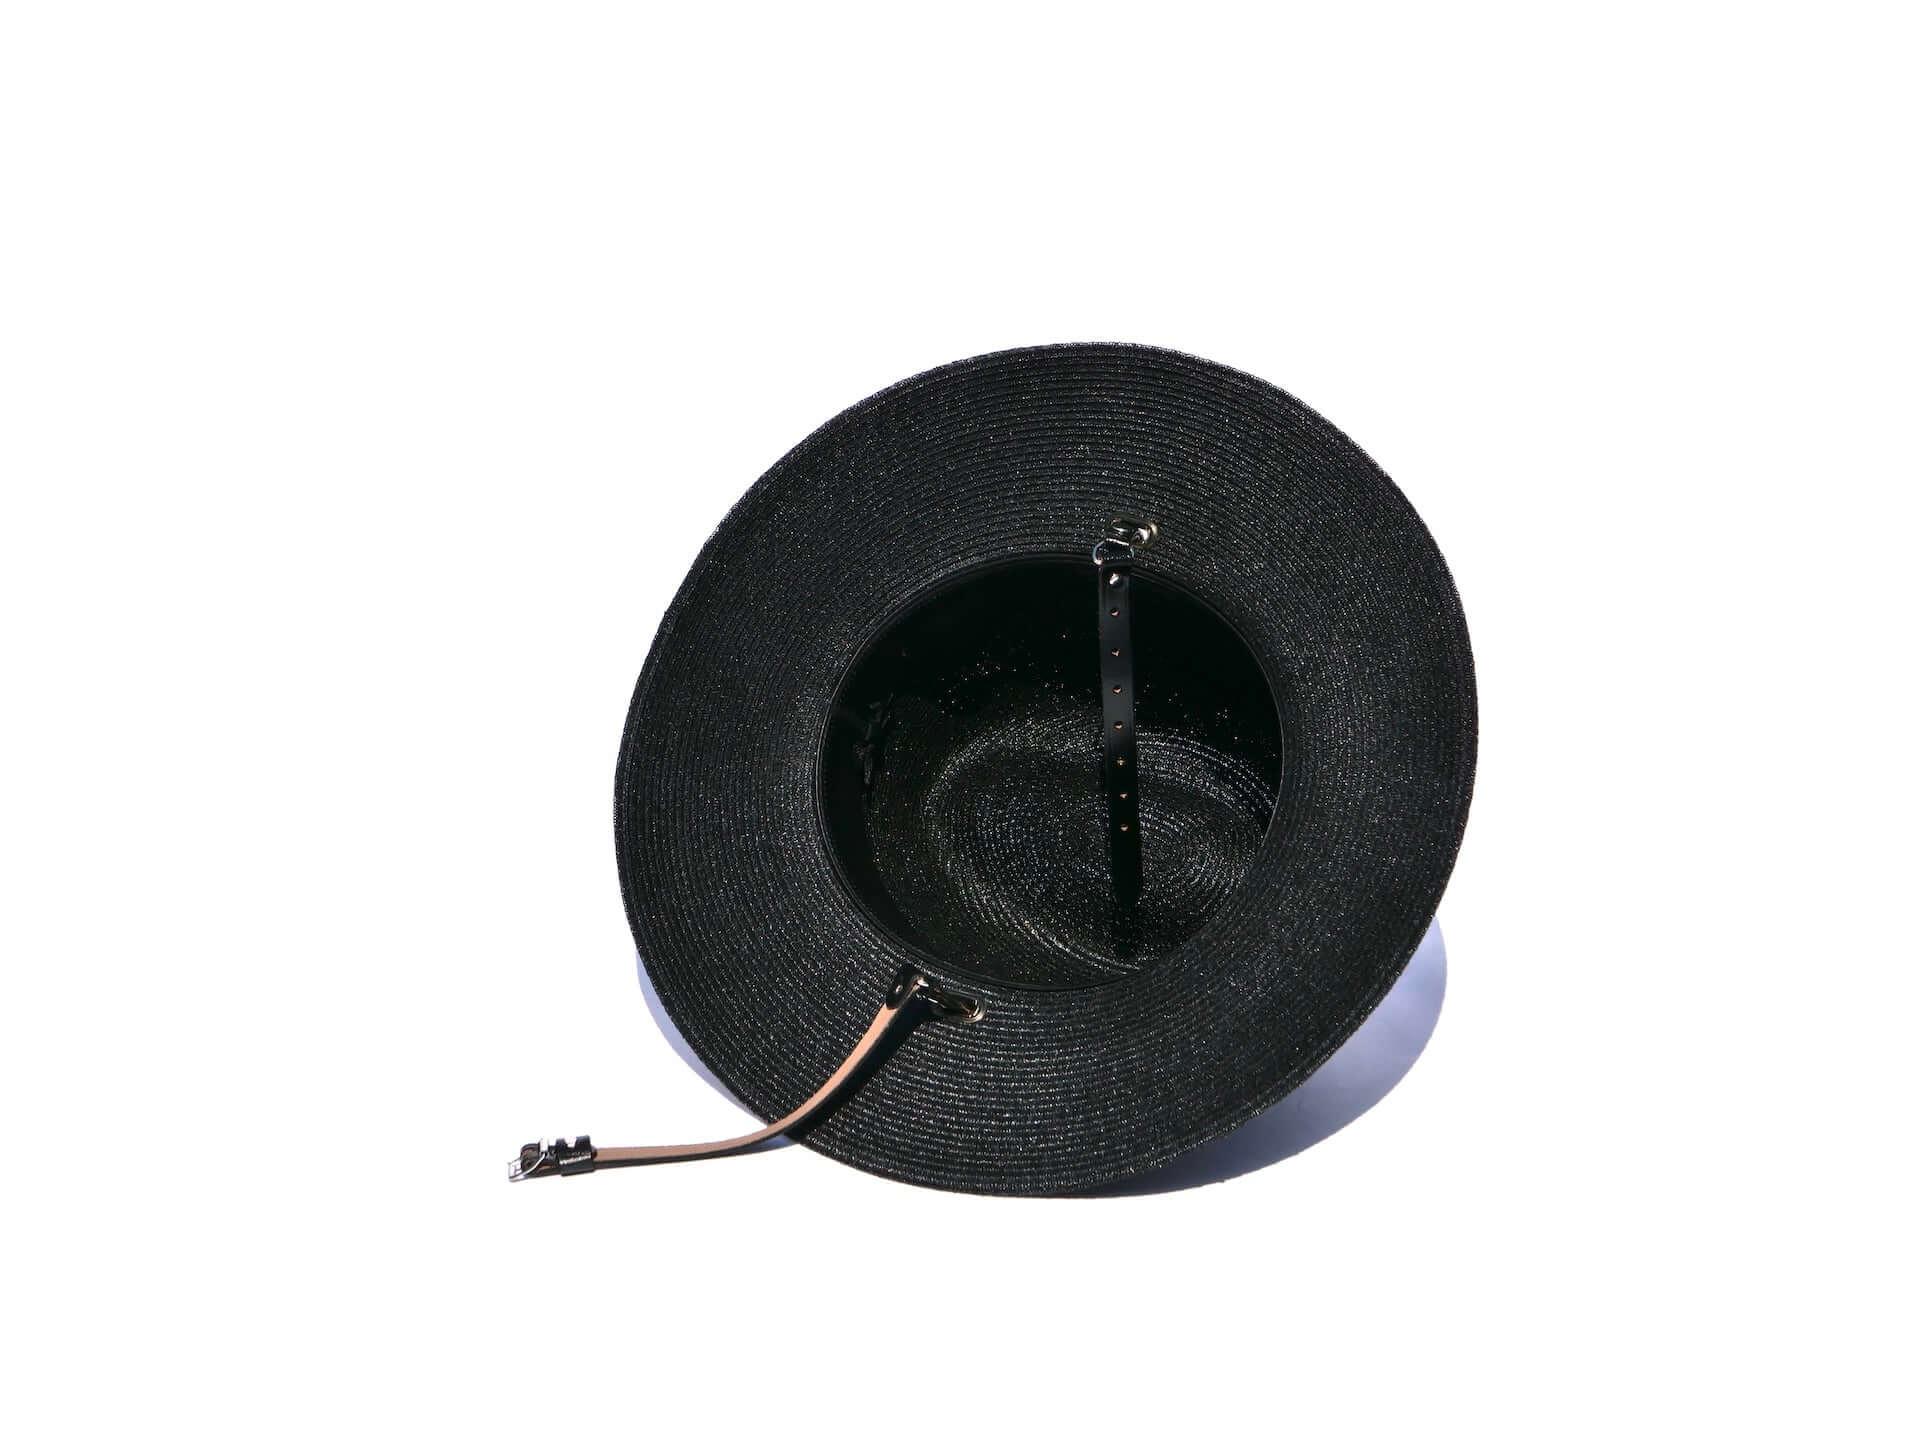 新たな帽子ブランド「Jerry Wander」に現代的レンジャーハットが登場!WAGAMAMA TOKYOとの別注モデルも life200408_jerrywander_3-1920x1440